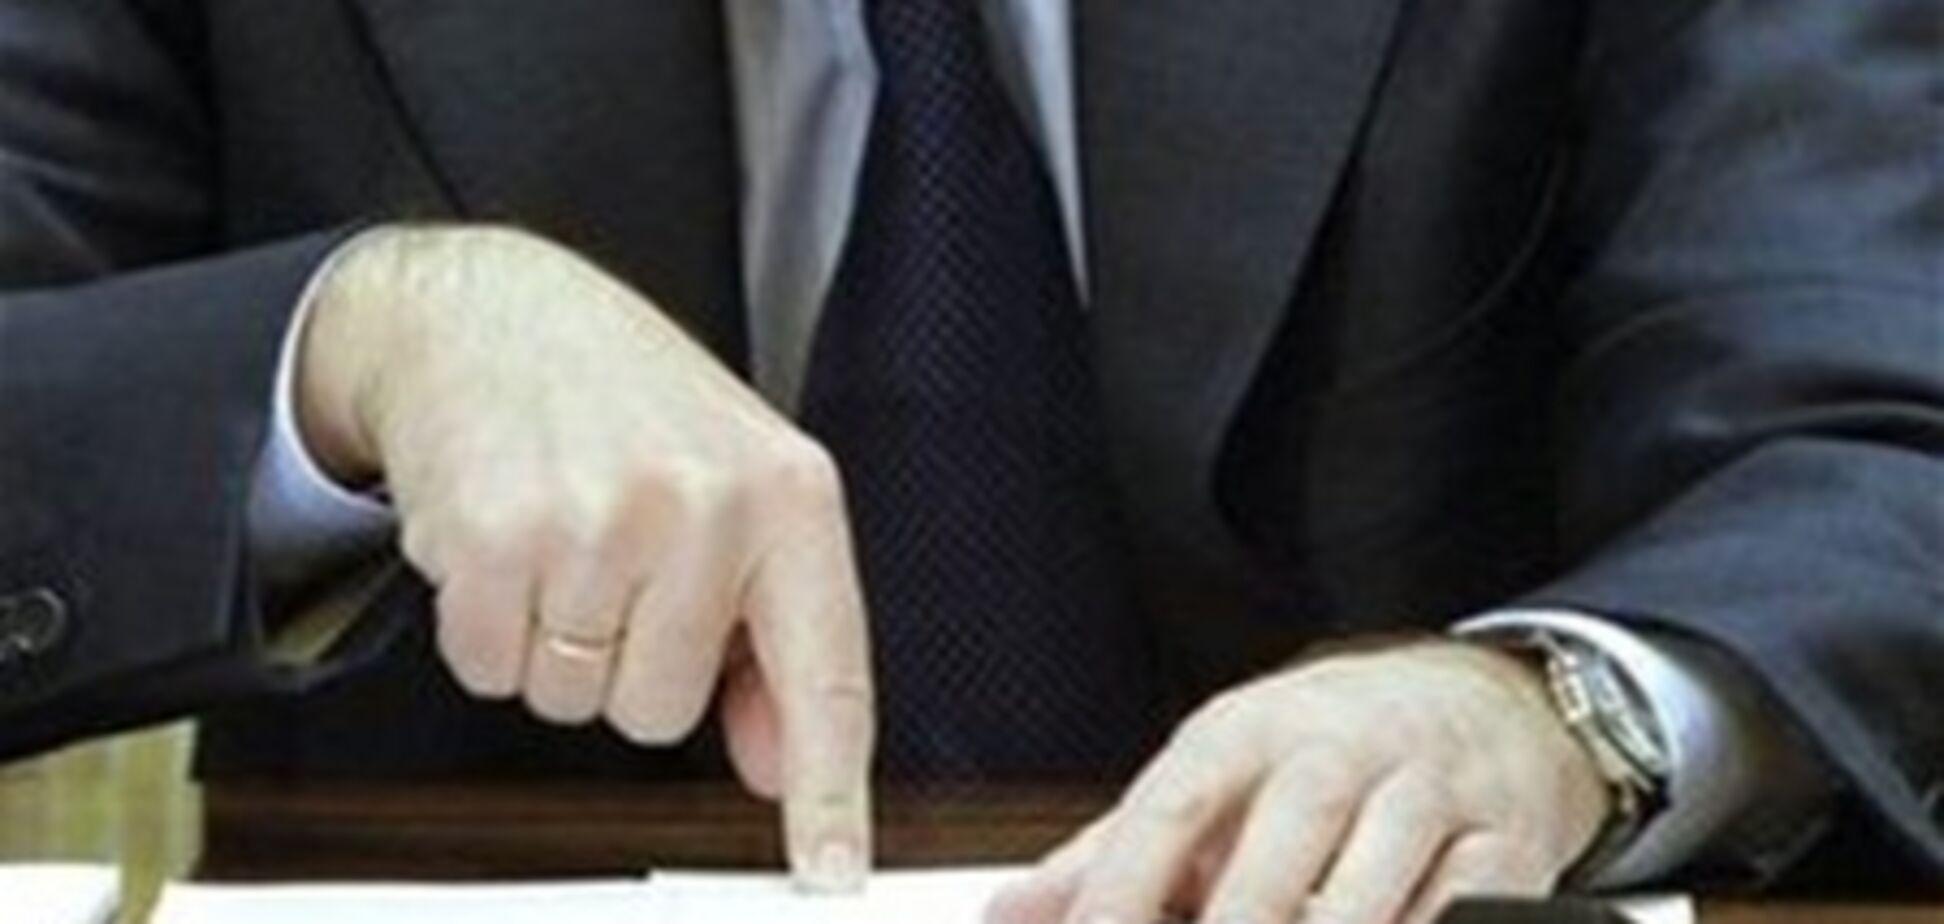 Минюст настаивает на согласовании сделок с недвижимостью с участием детей